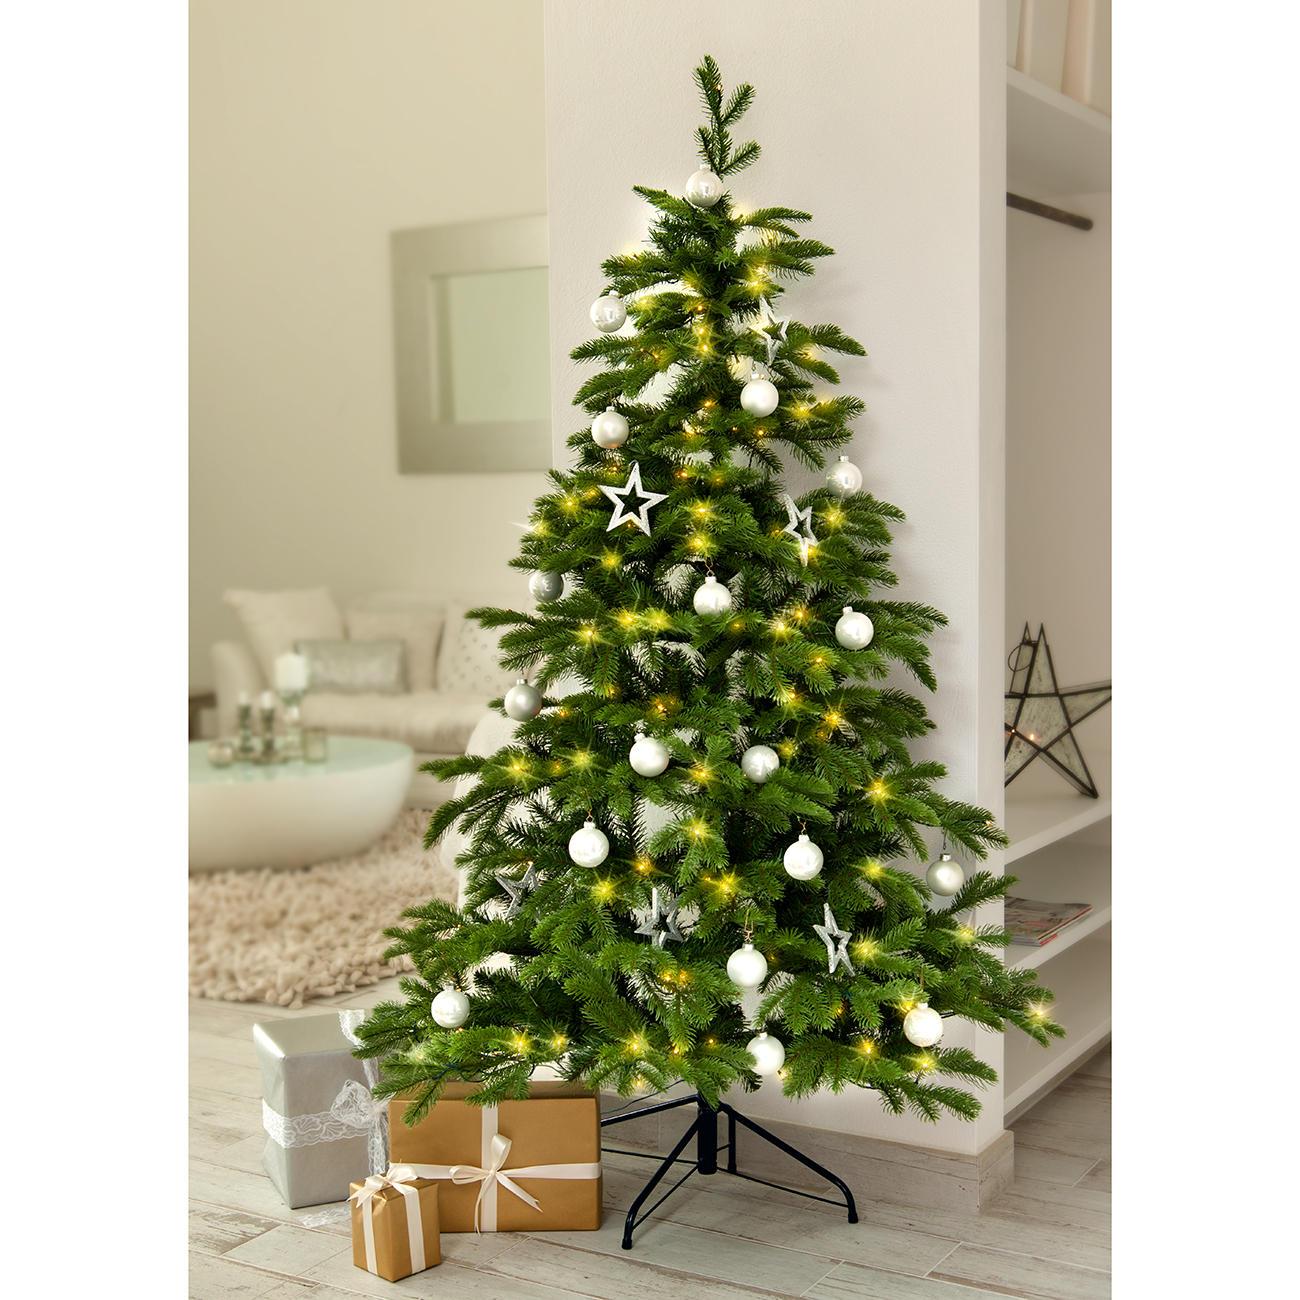 Halber weihnachtsbaum 180 cm h he online kaufen - Weihnachtsbaum wand ...